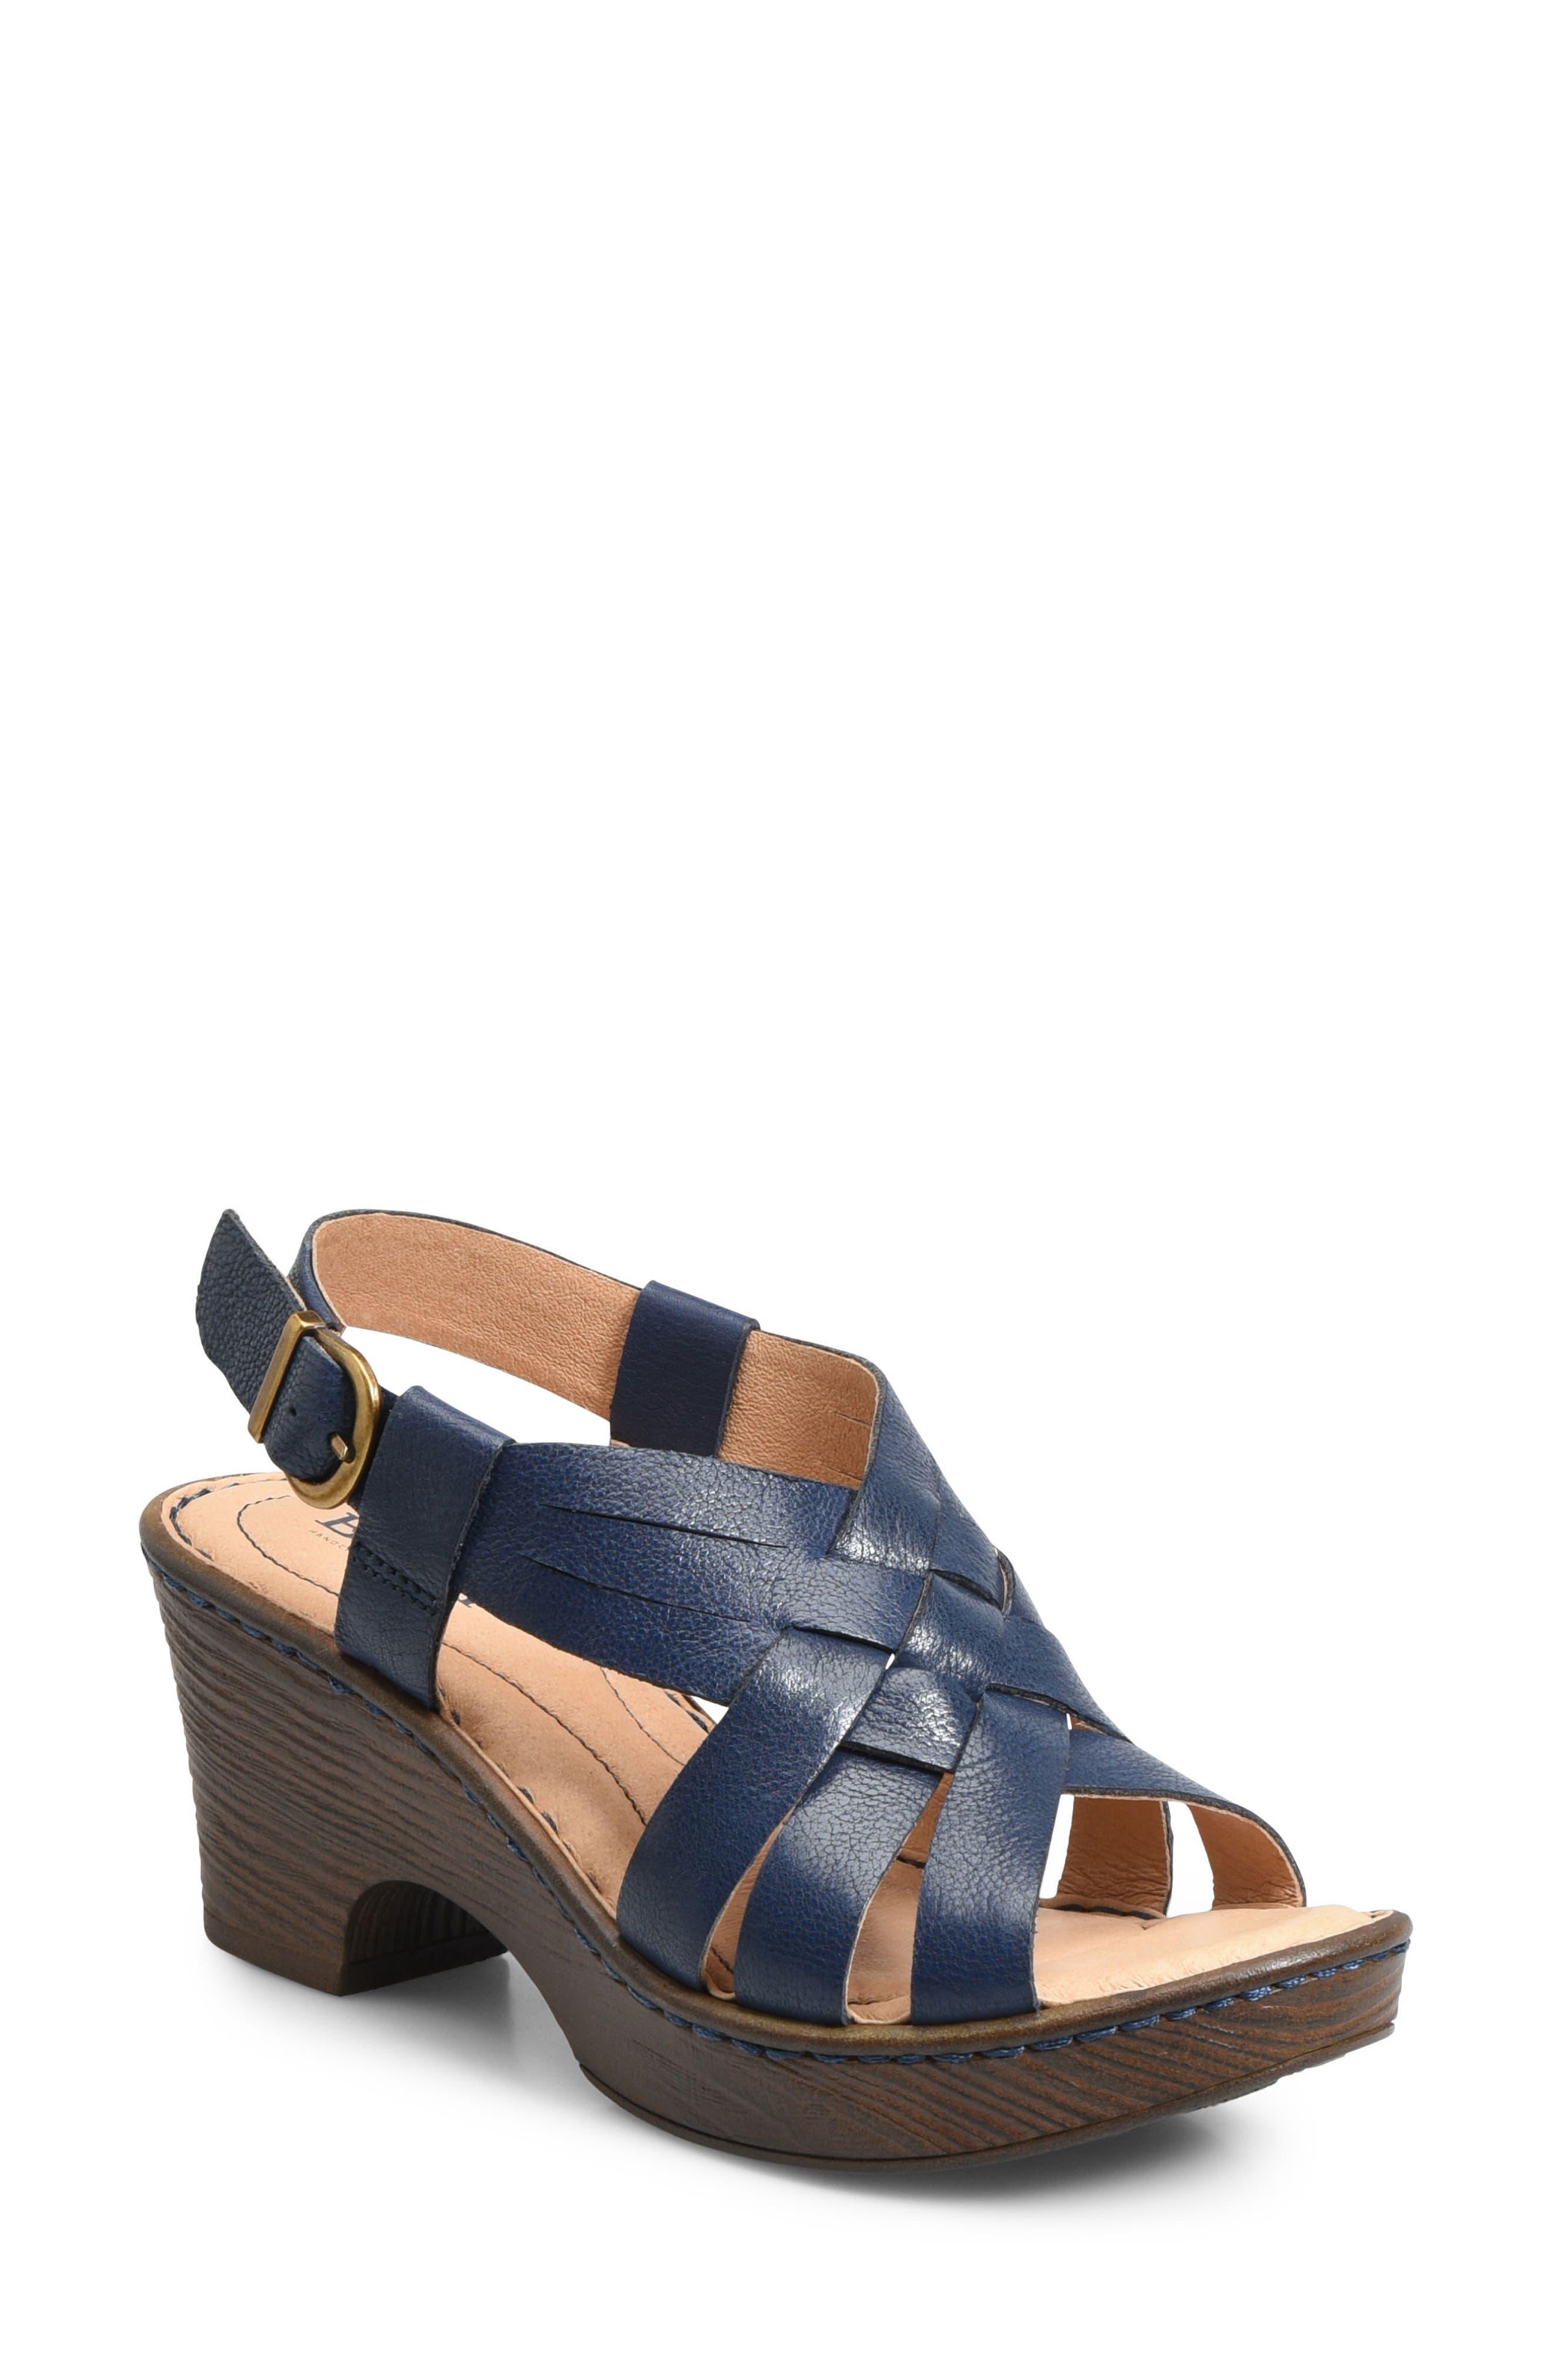 Børn Crevalle Platform Sandal (Women)